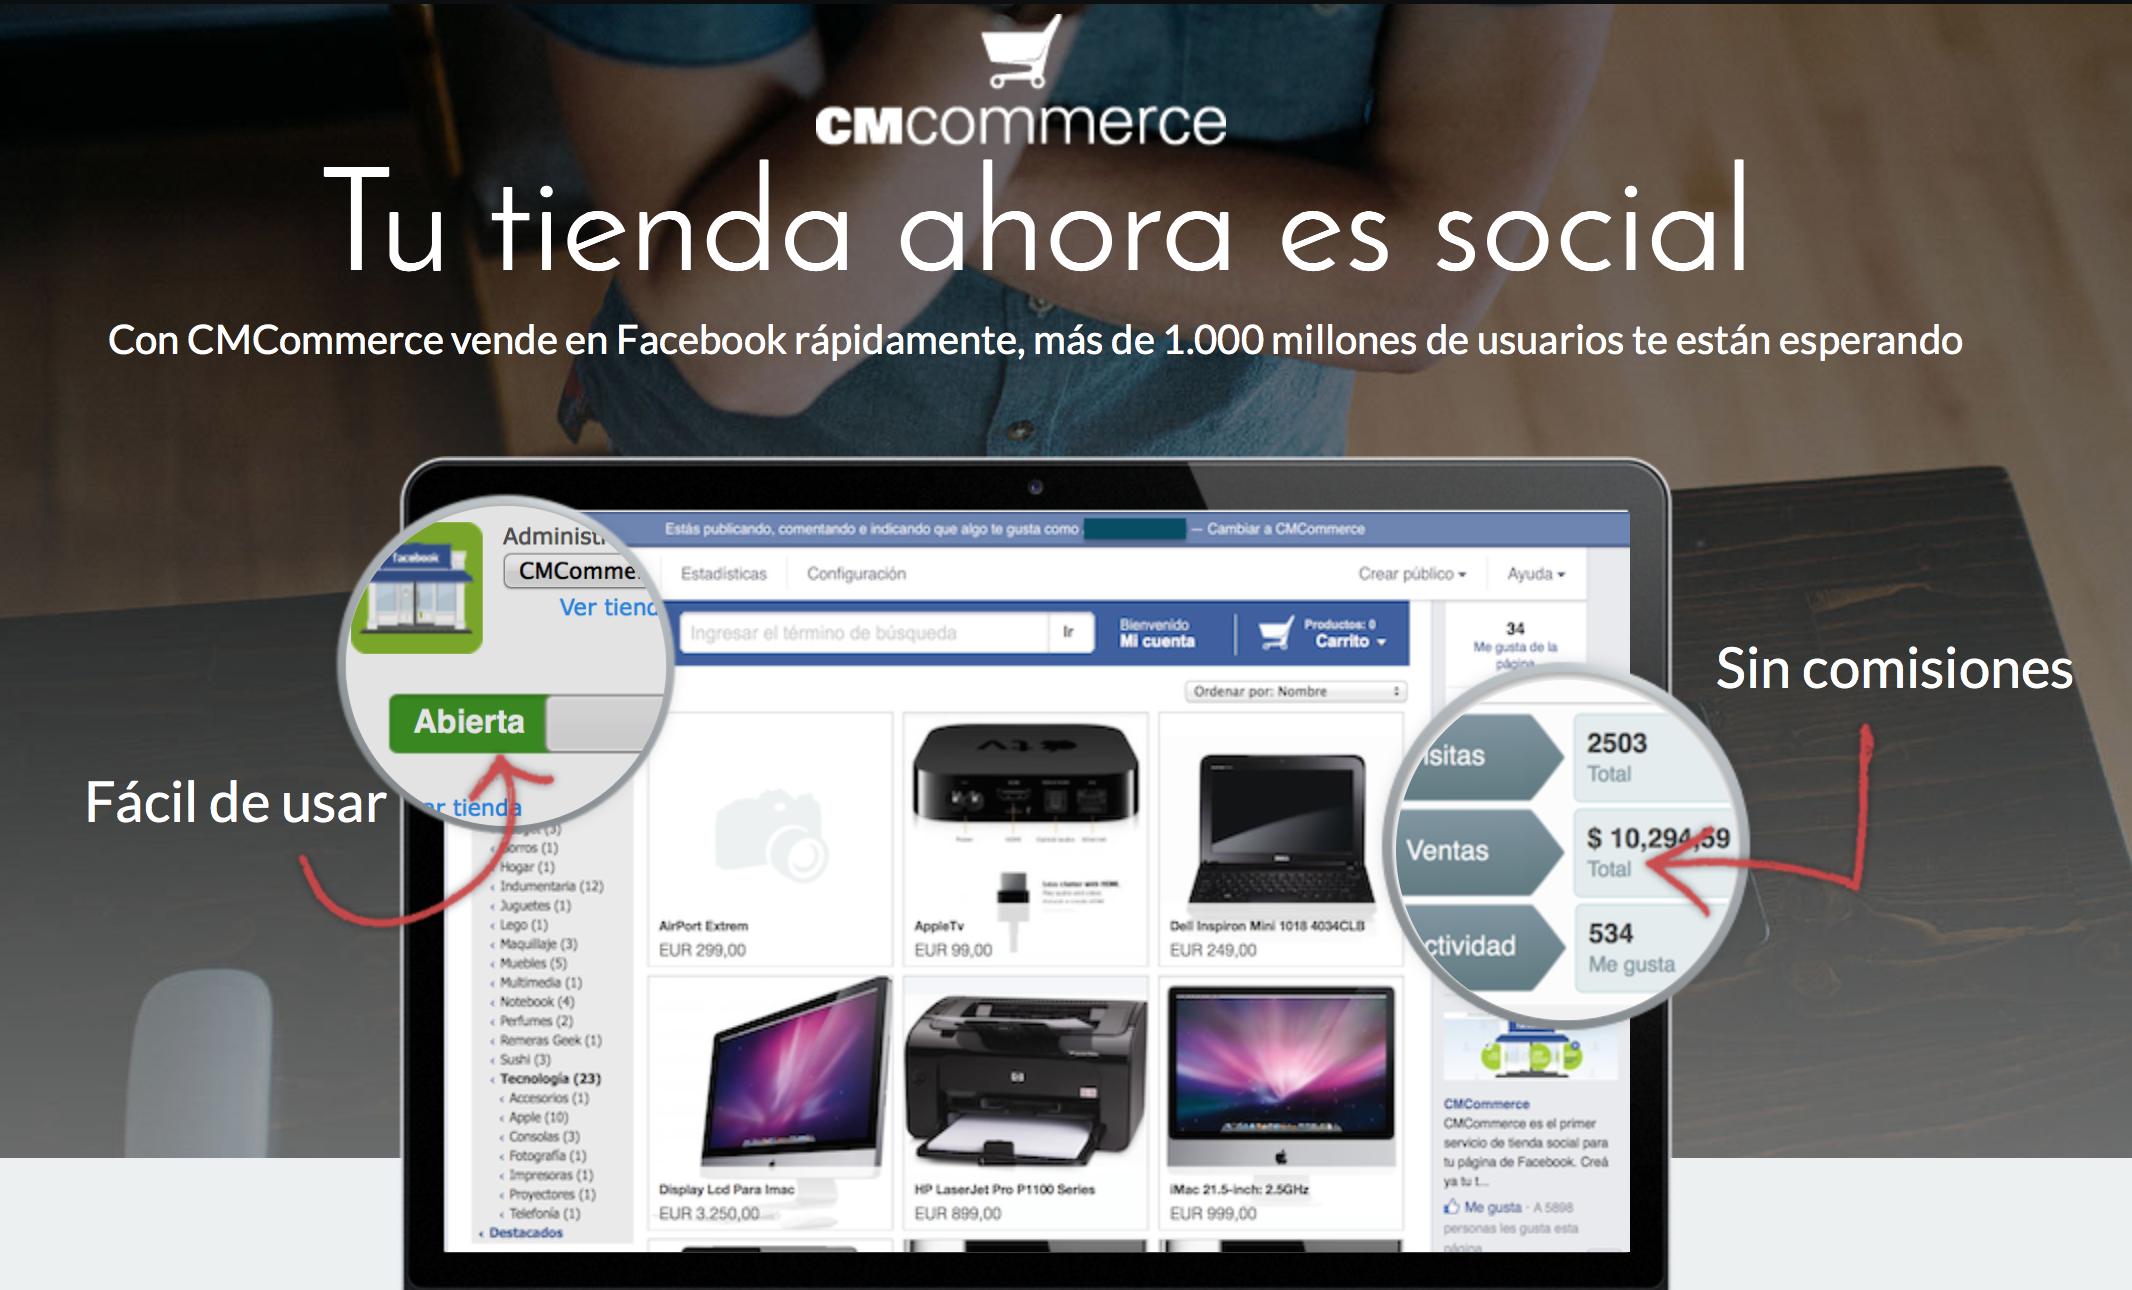 6 consejos para crear tu tienda con CMCommerce